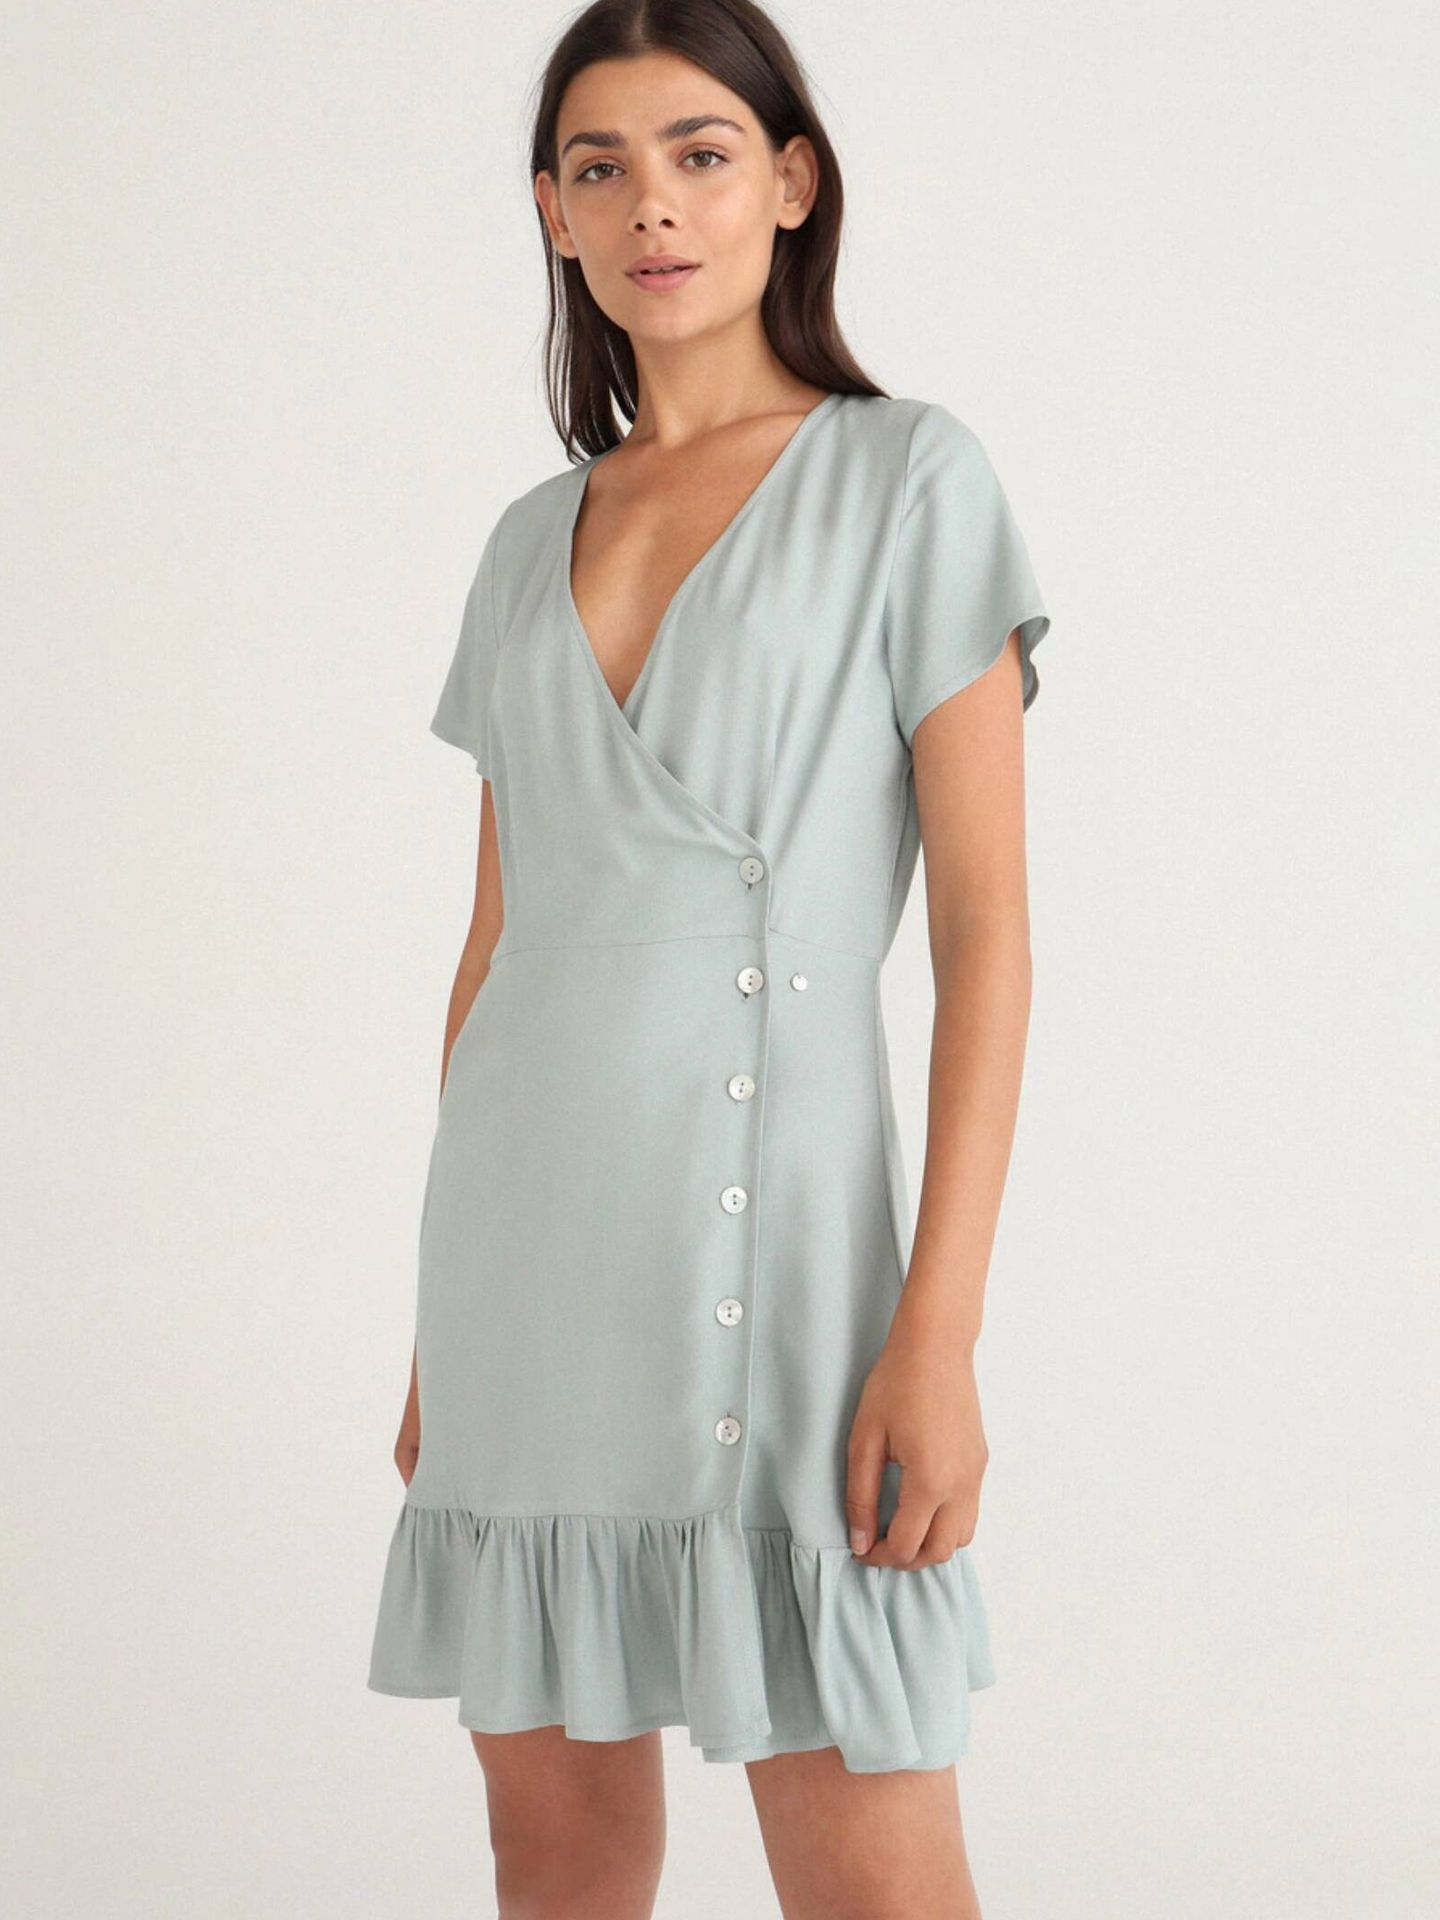 Vestido de Green Coast de las rebajas de El Corte Inglés. (Cortesía)